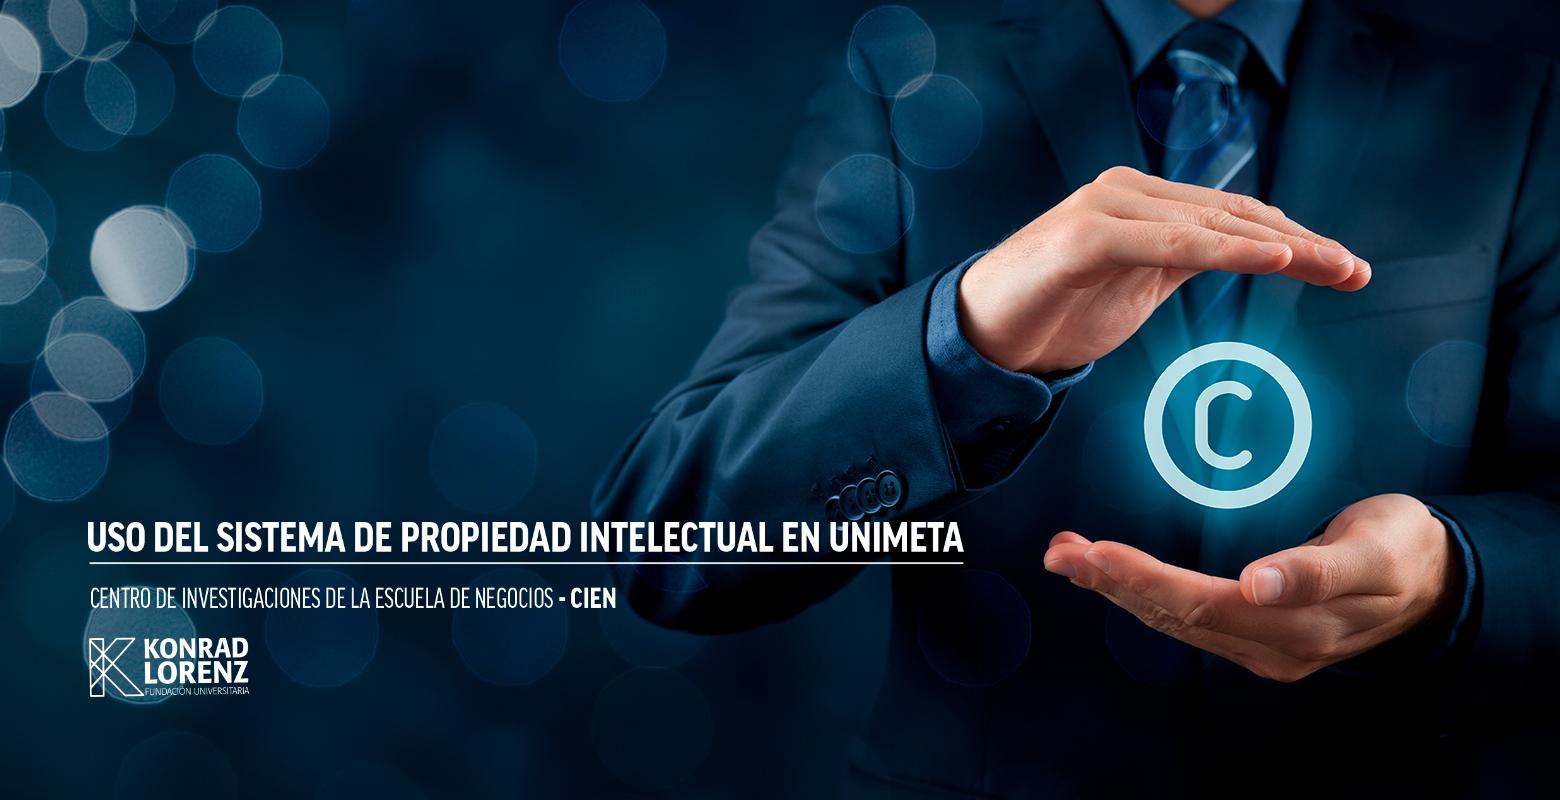 Uso del sistema de propiedad intelectual en Unimeta